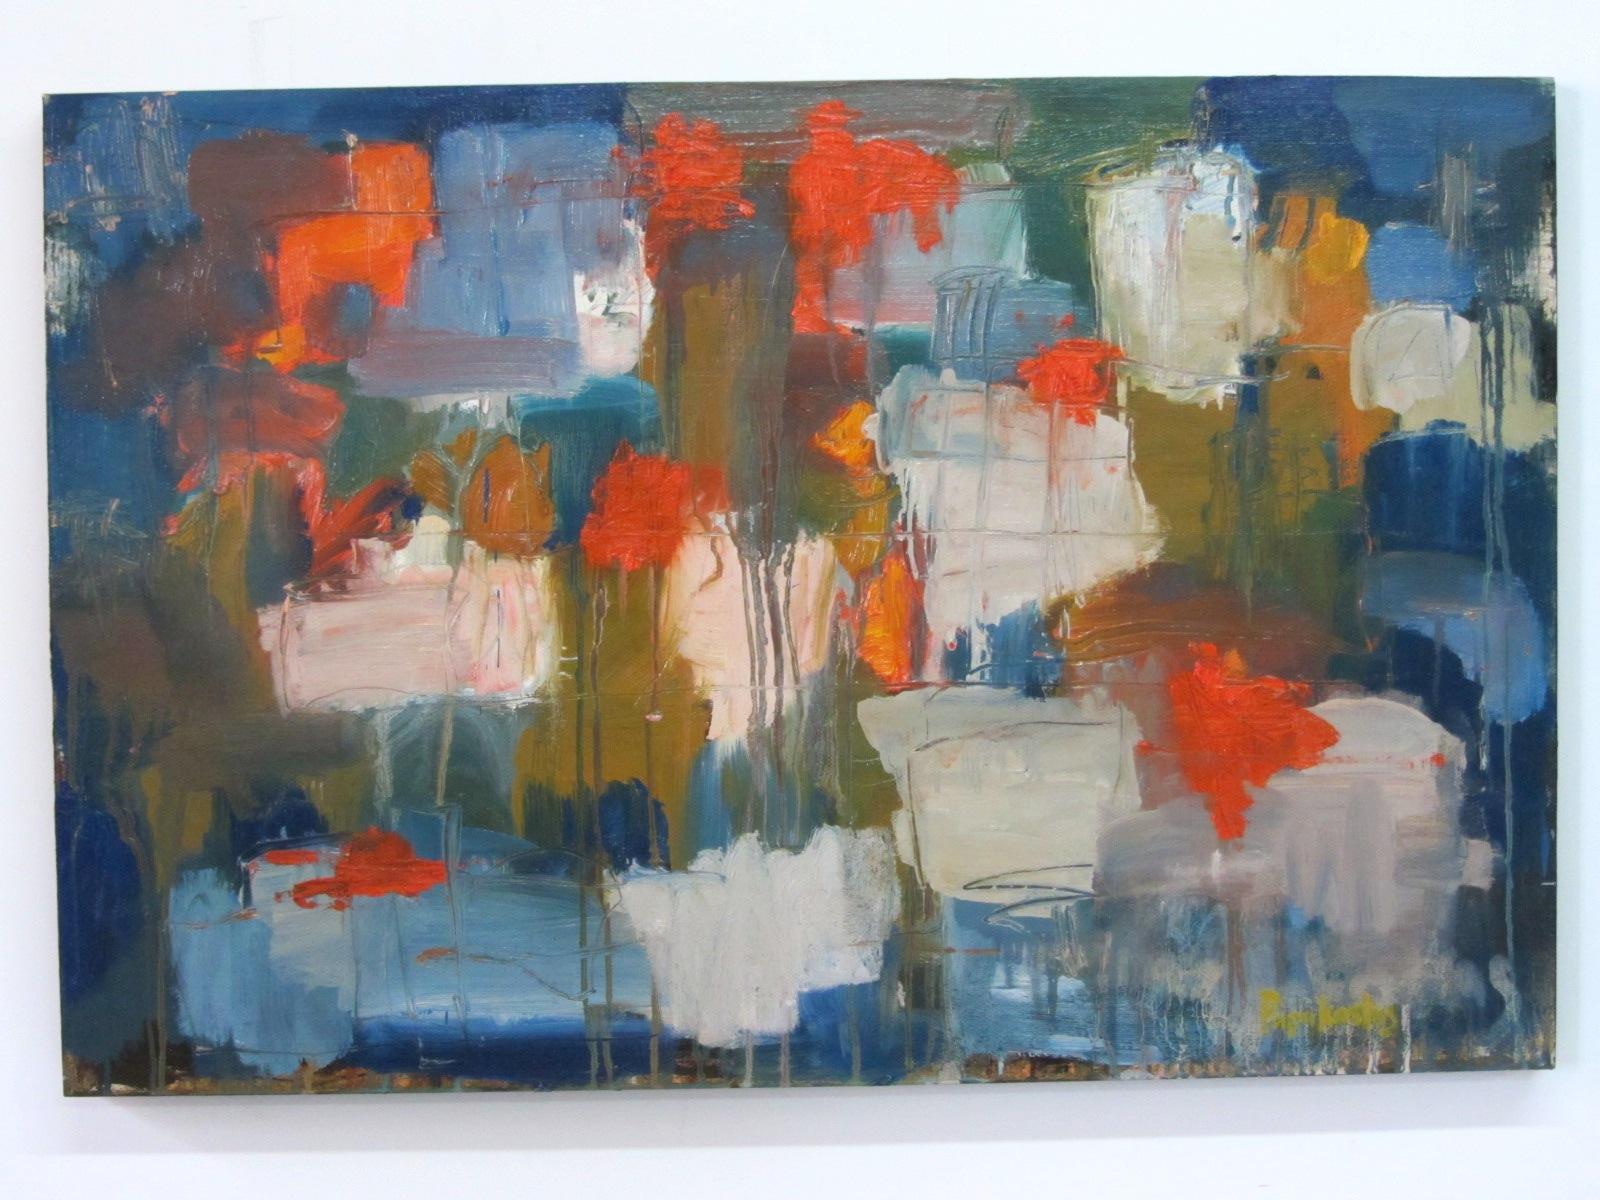 IMG_# DP0330- Some Orange Spots, 2010  oil on wood (24 x 36in.) 0128.JPG